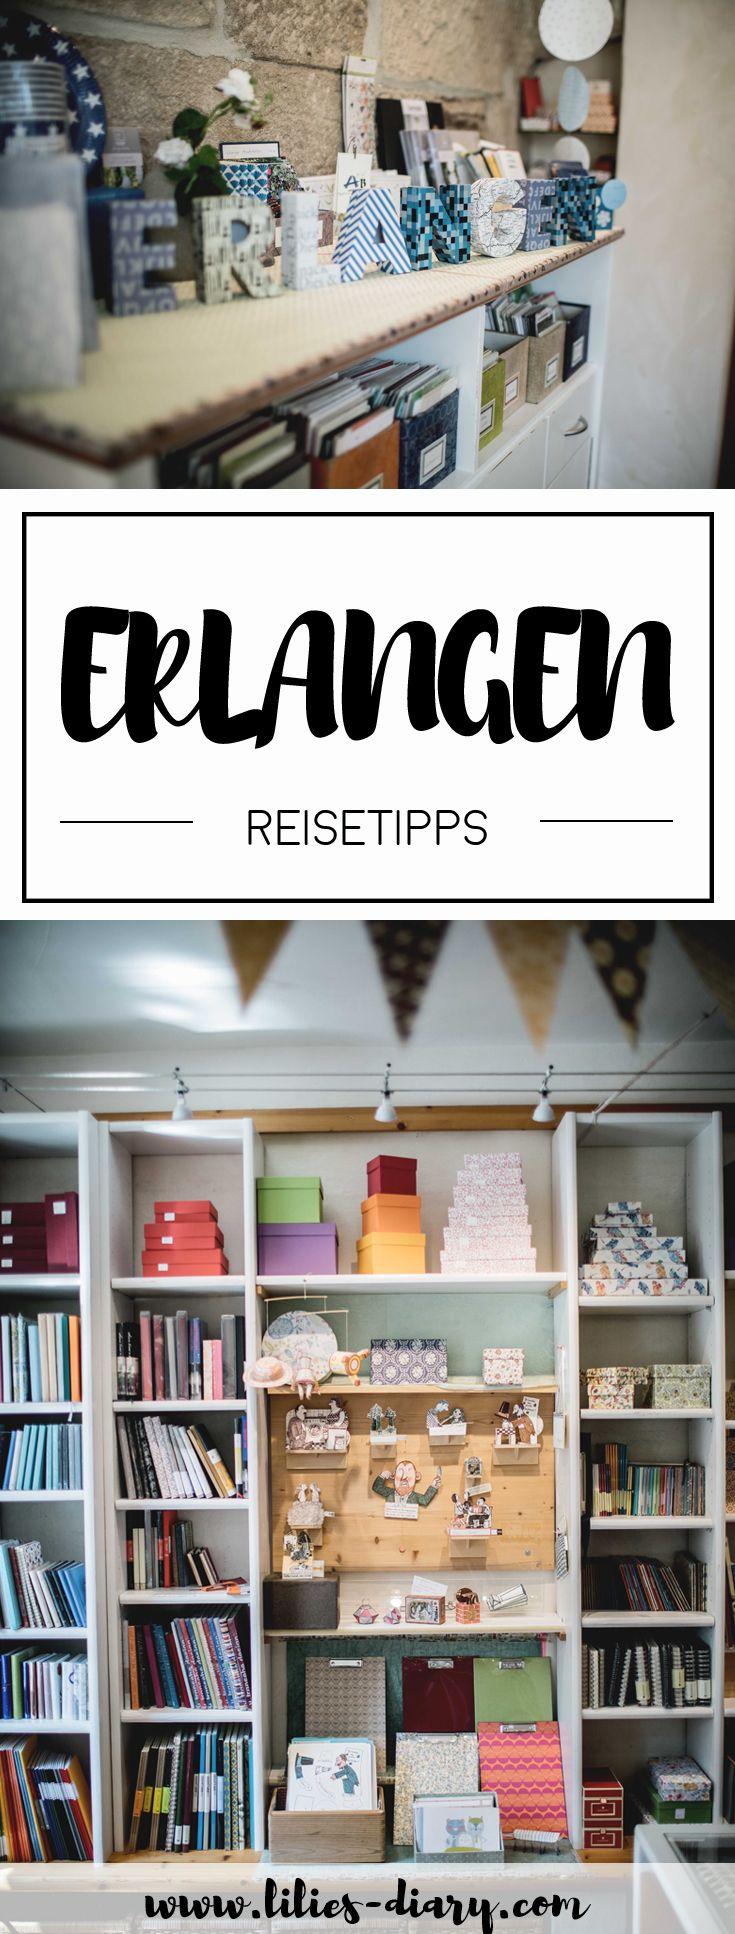 Reisetipps für Erlangen. Schöne Sehenswürdigkeiten, tolle Cafés und einen botanischen Garten - Erlangen ist das perfekte Ziel für einen Wochenendetrip. Alle Tipps für eine Städtereise nach Erlangen findet ihr auf www.lilies-diary.com.